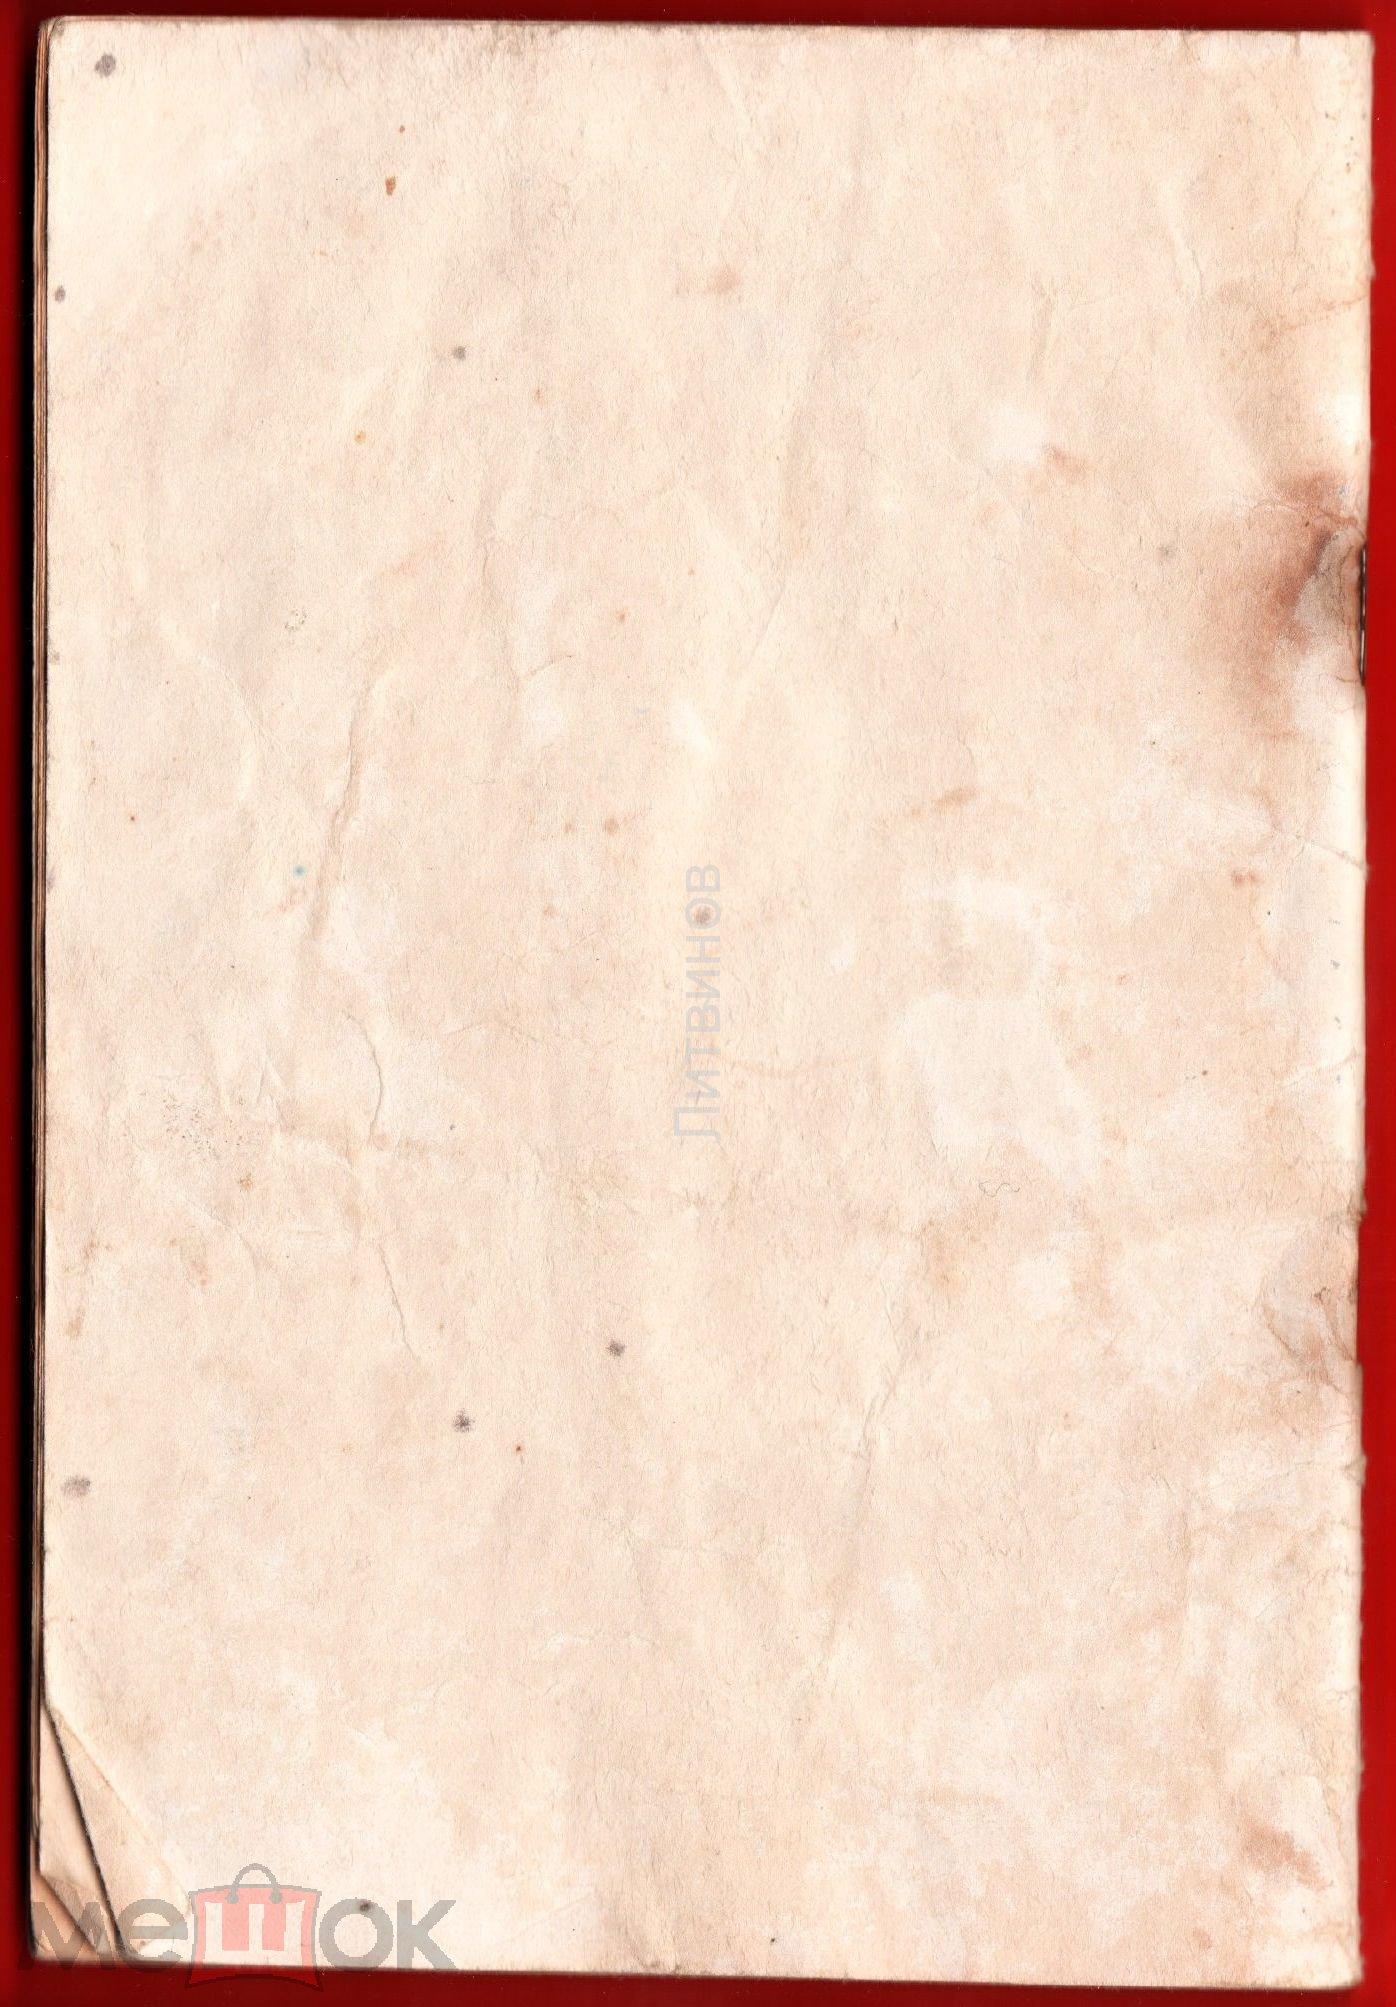 96599 Стиральная машина тула 2 Тульский совнархоз инструкция брошюра 50-е